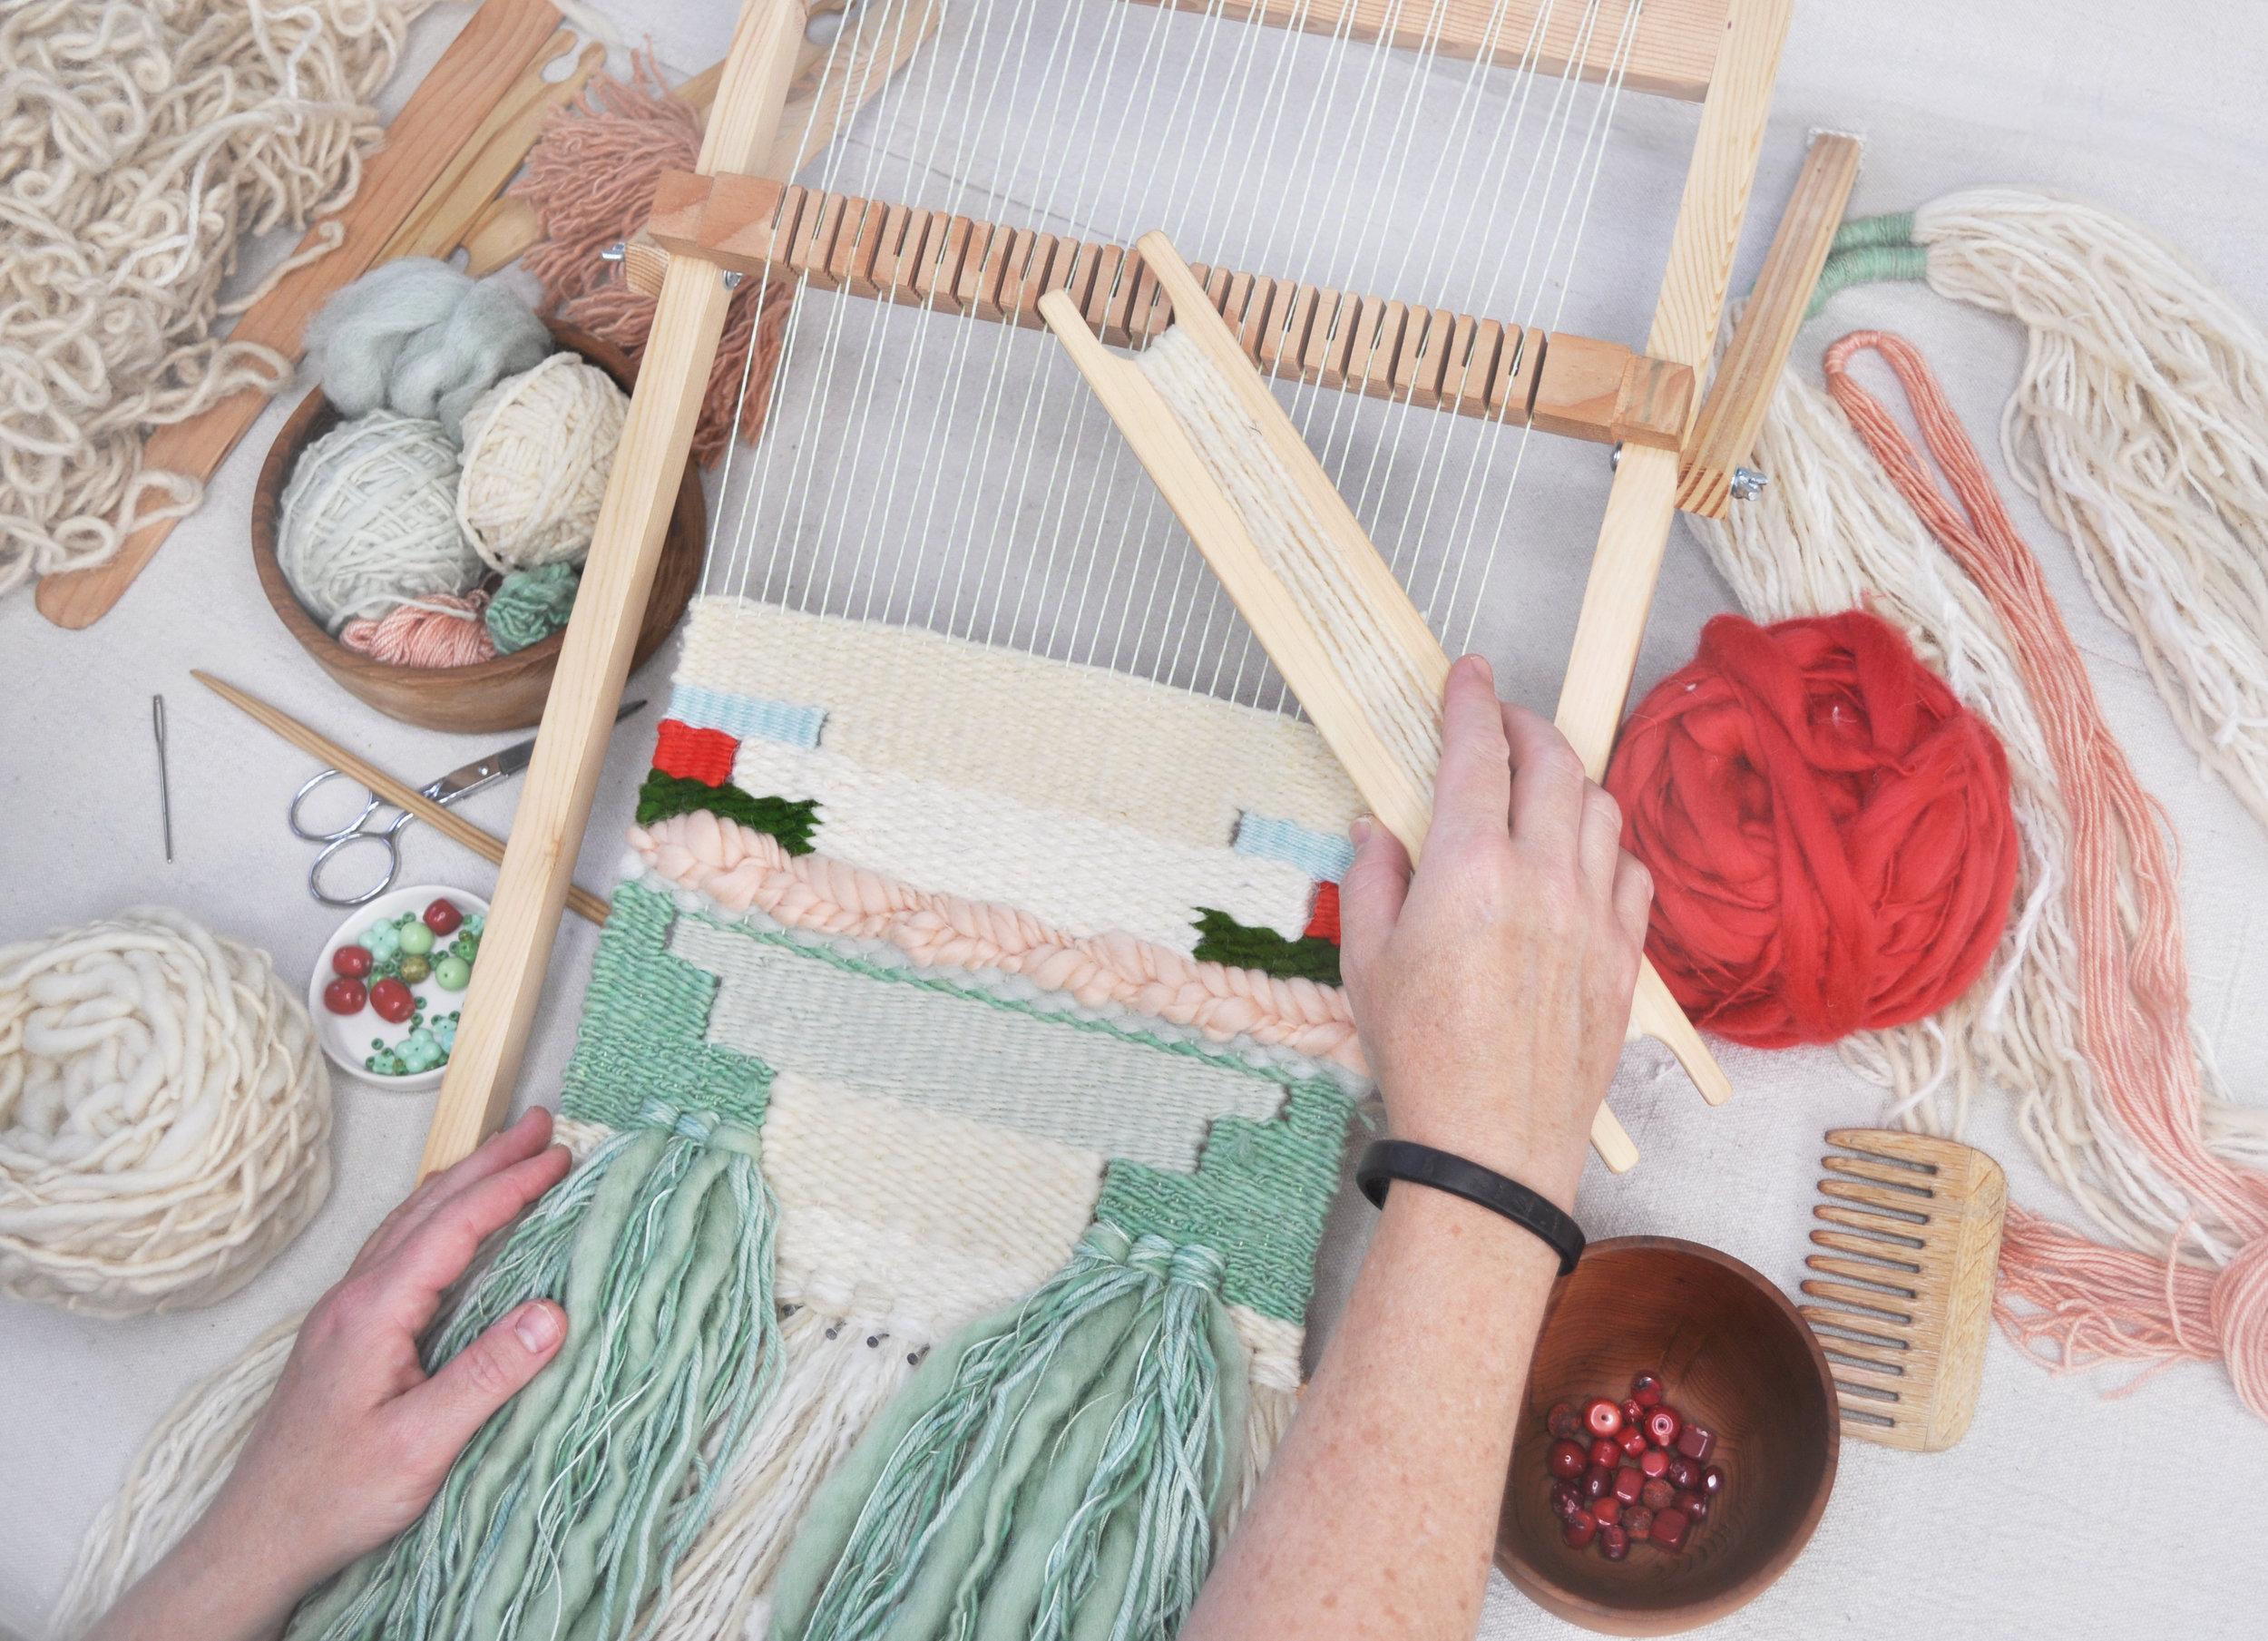 retreat weaving in process.jpg